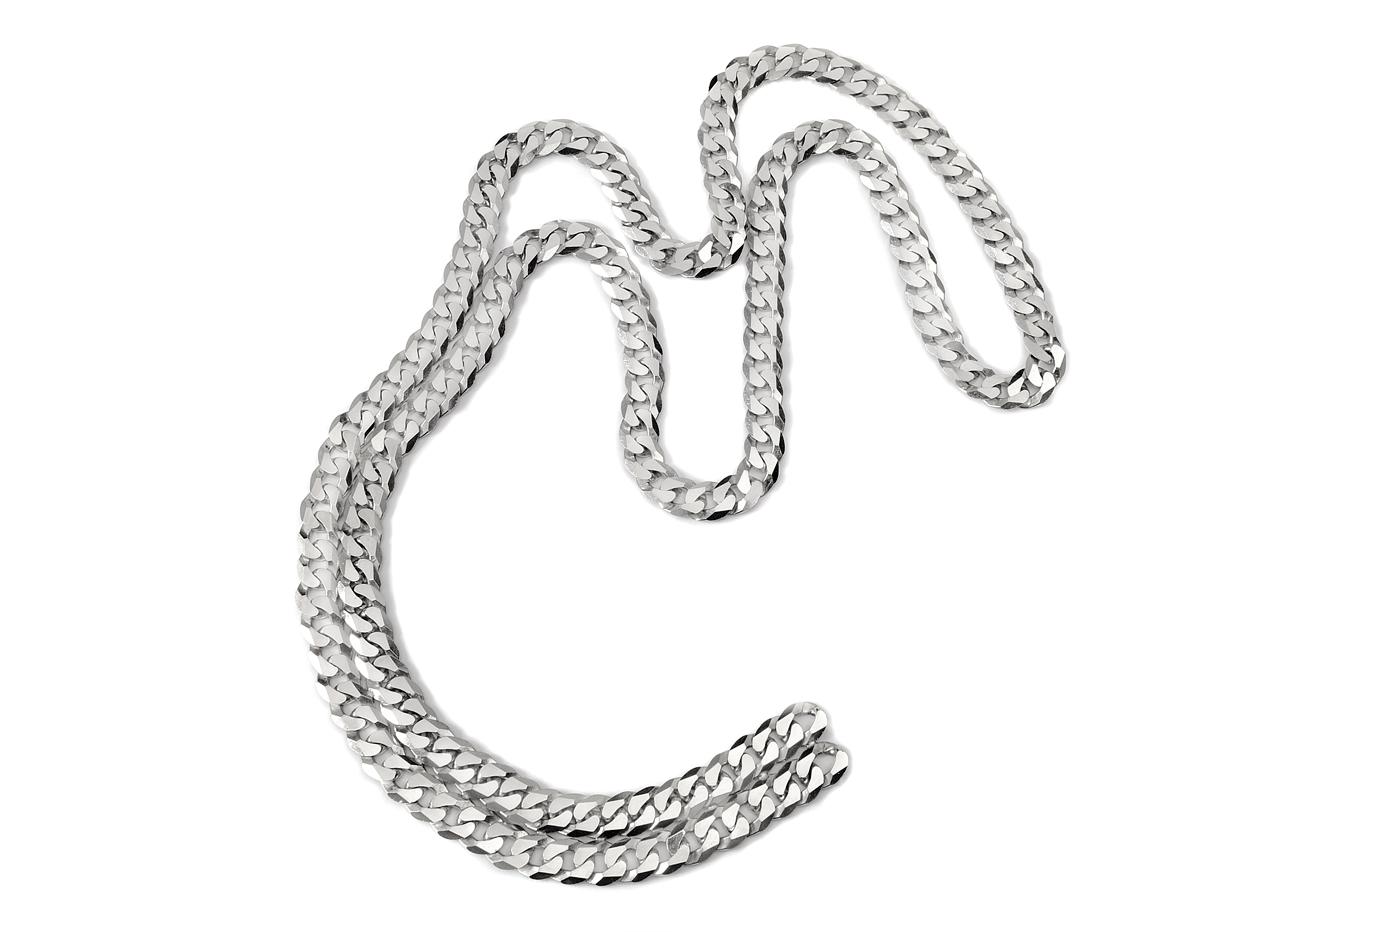 Adeline Cacheux Jewelry Design Sautoir Gourmette Argent